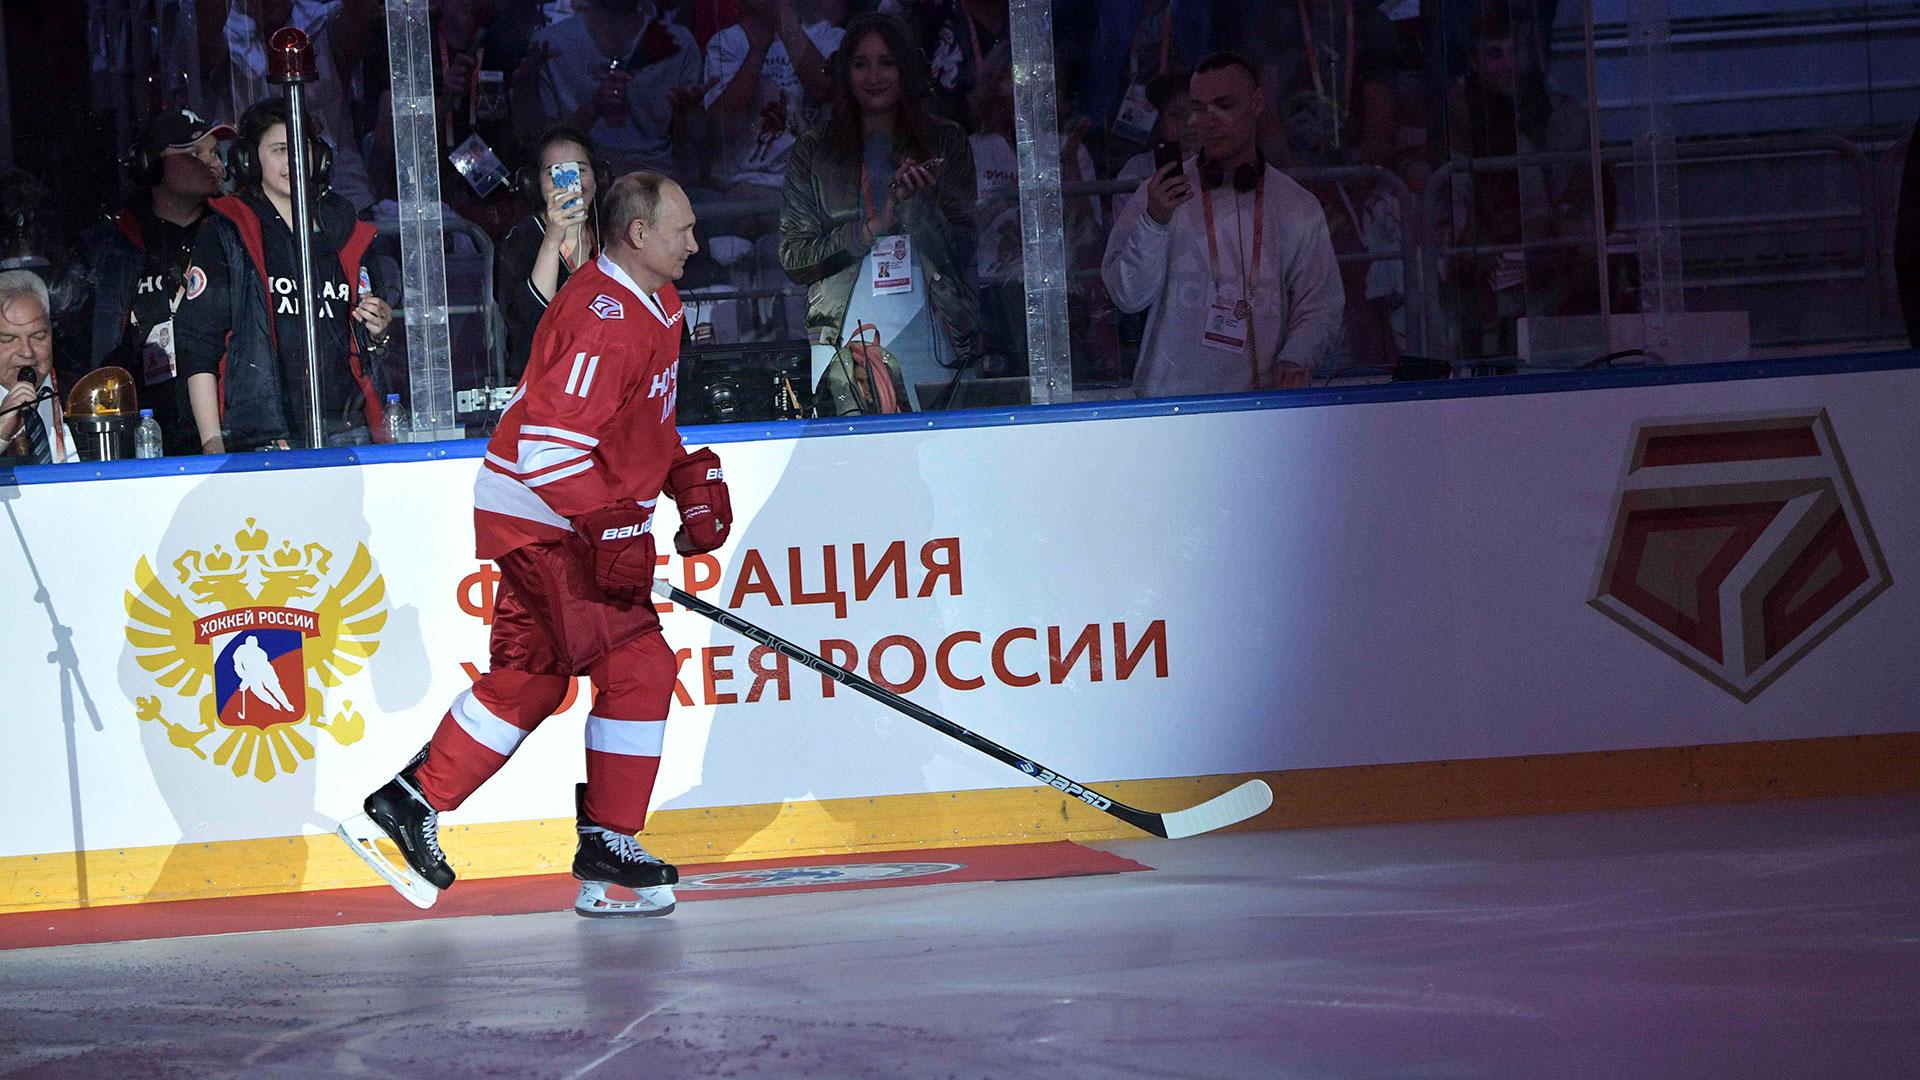 Putin fue uno de los goleadores del partido con 5 tantos (Reuters)